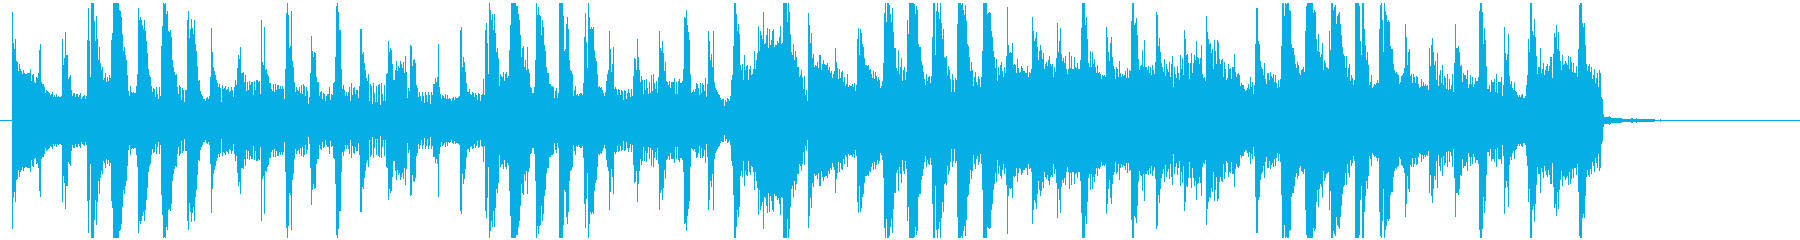 お洒落でライトなロックジングル 15秒の再生済みの波形